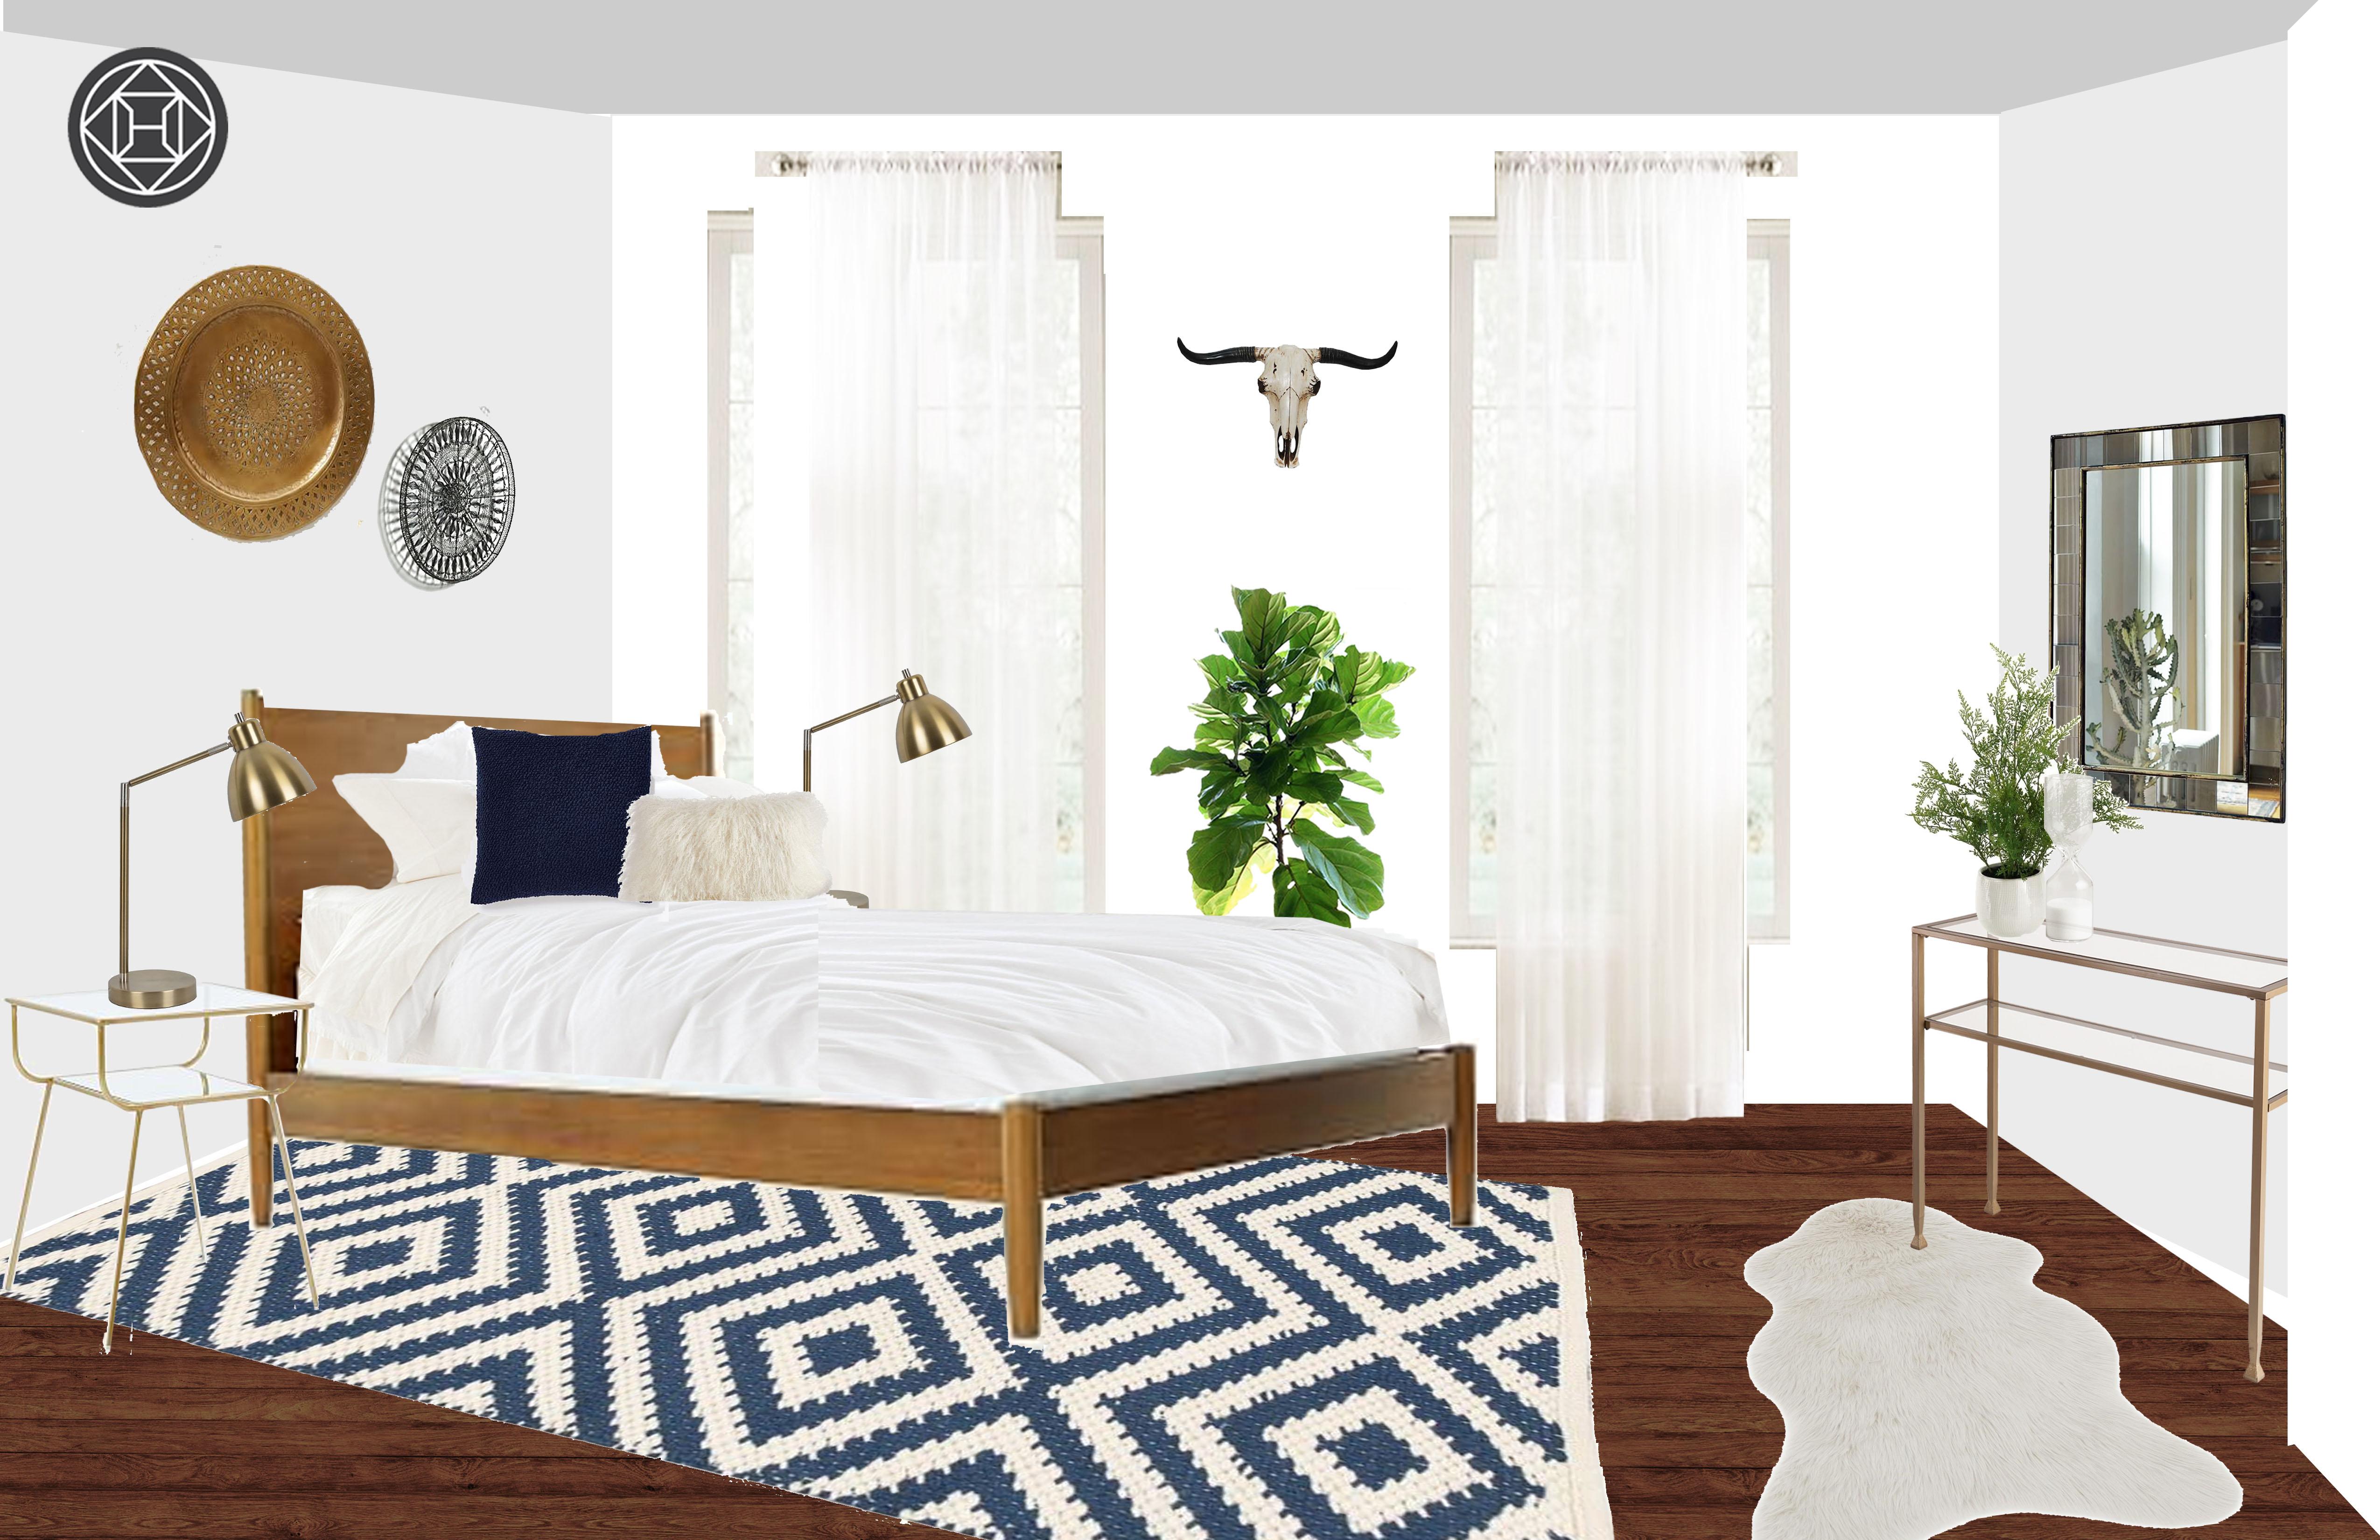 Bohemian Midcentury Modern Scandinavian Bedroom Design by Havenly